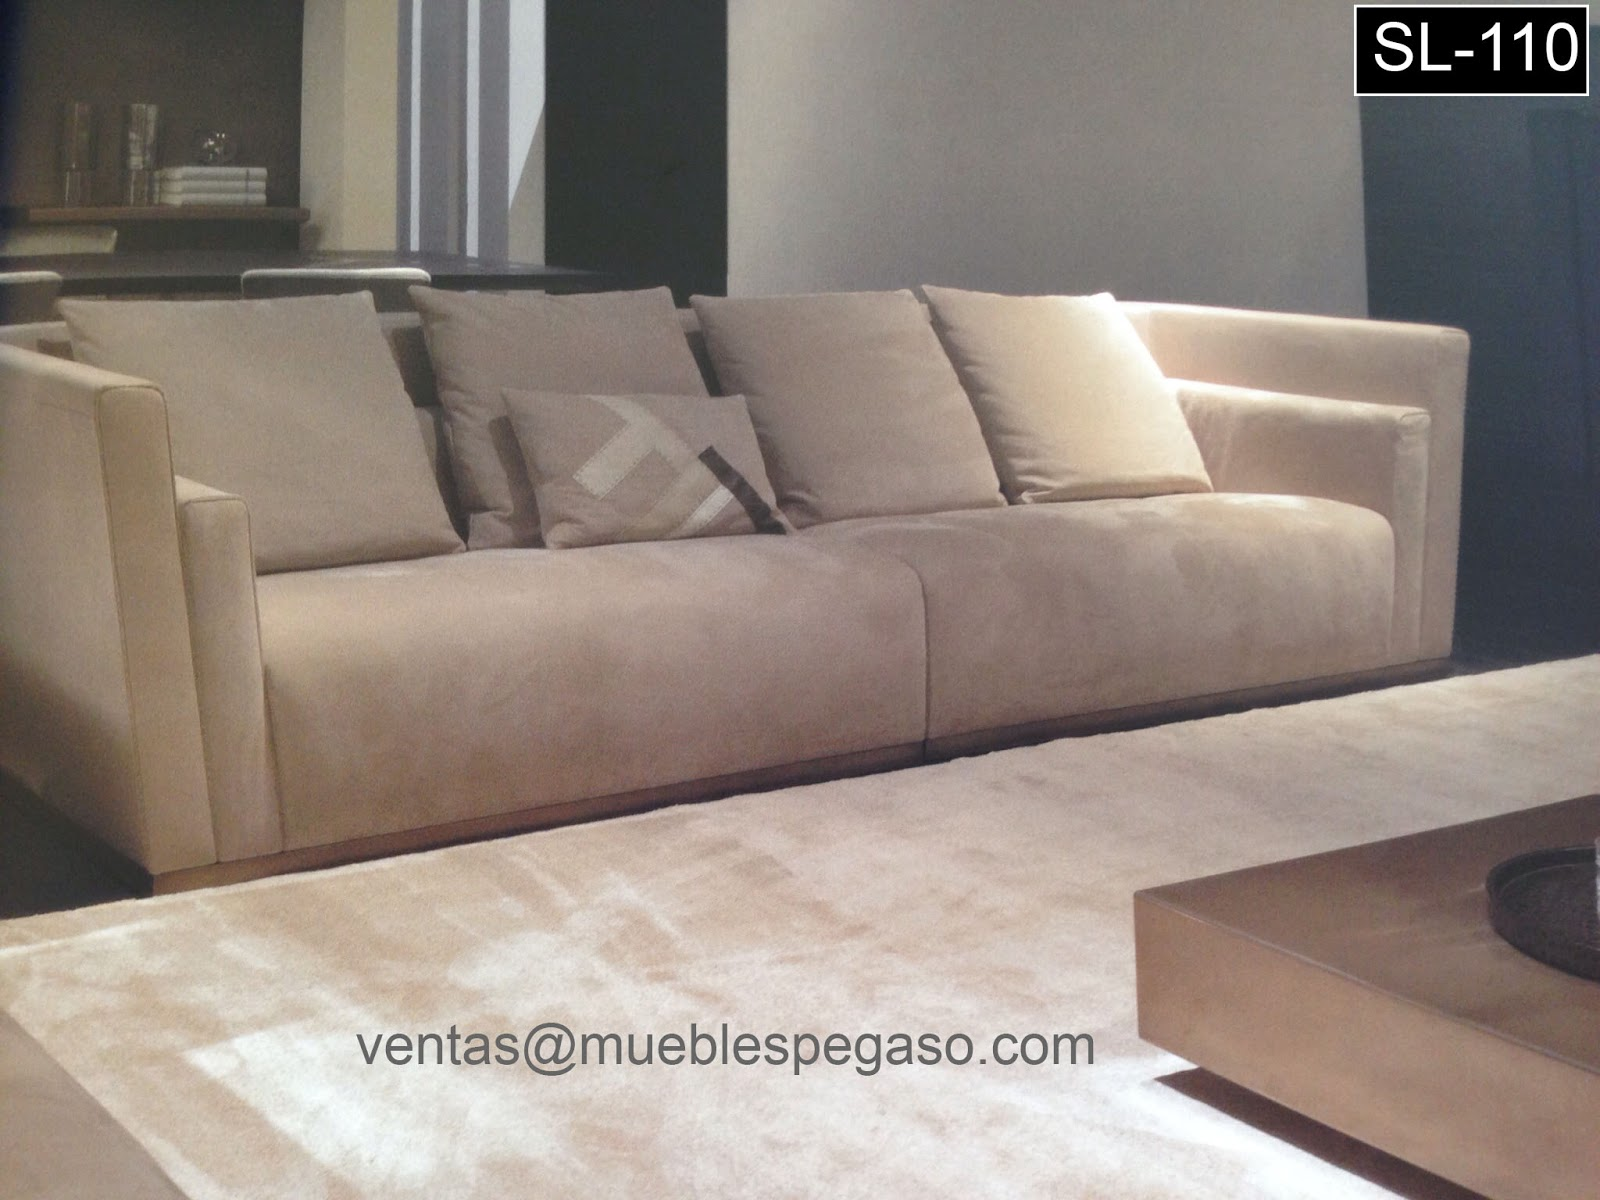 Muebles pegaso muebles de salas comedores dormitorios - Disenos de muebles para sala ...